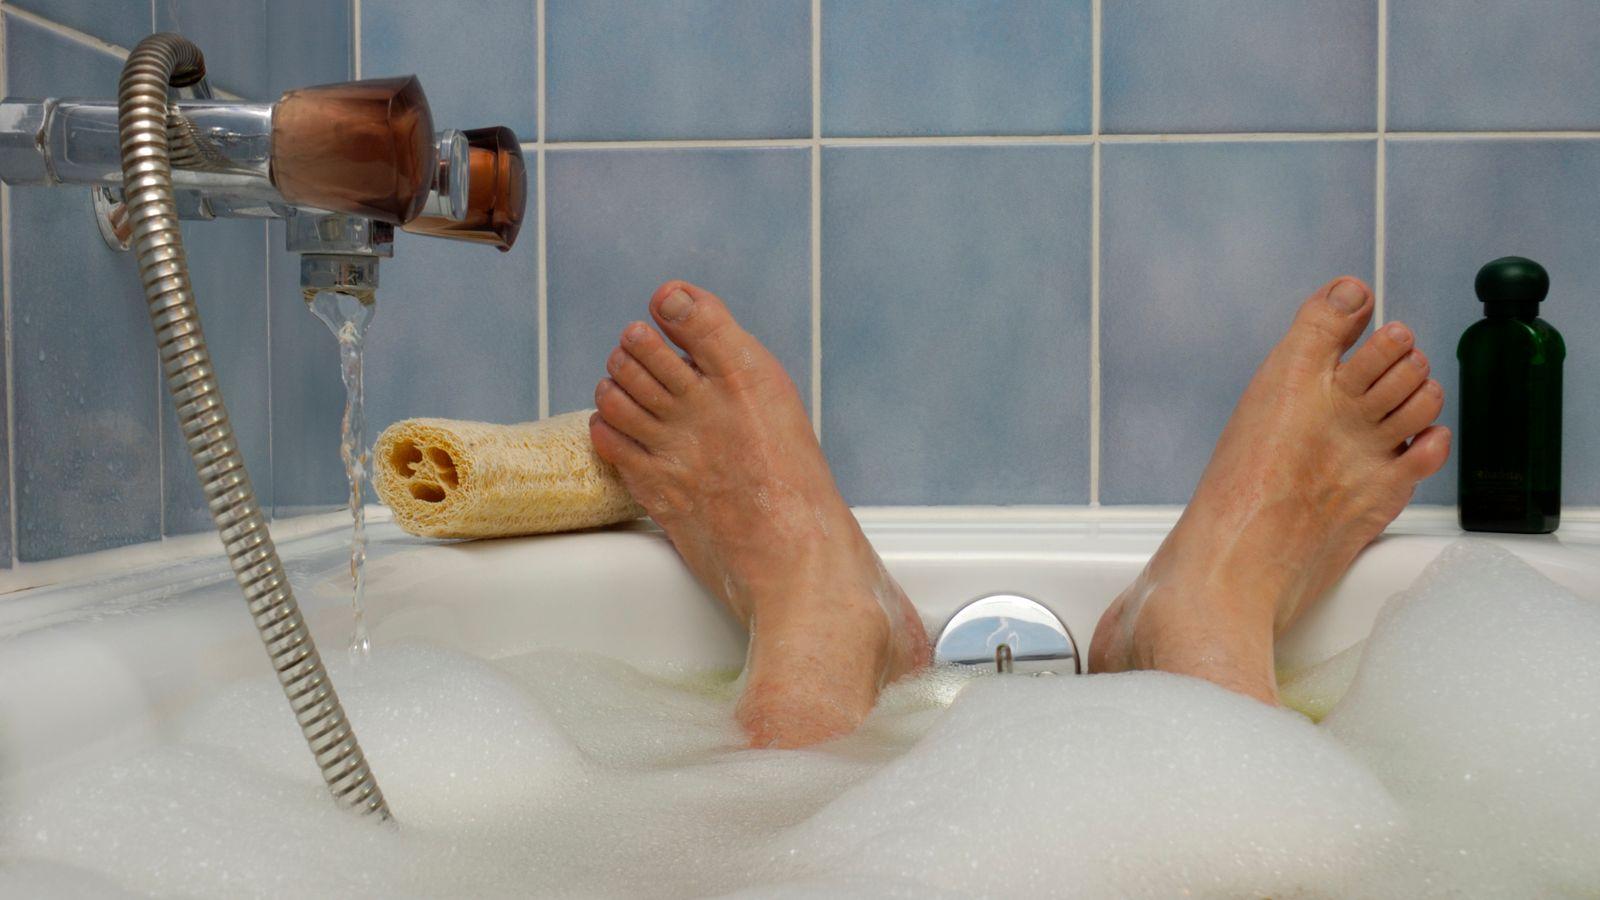 Daily soak in a hot bath cuts heart disease, research suggests